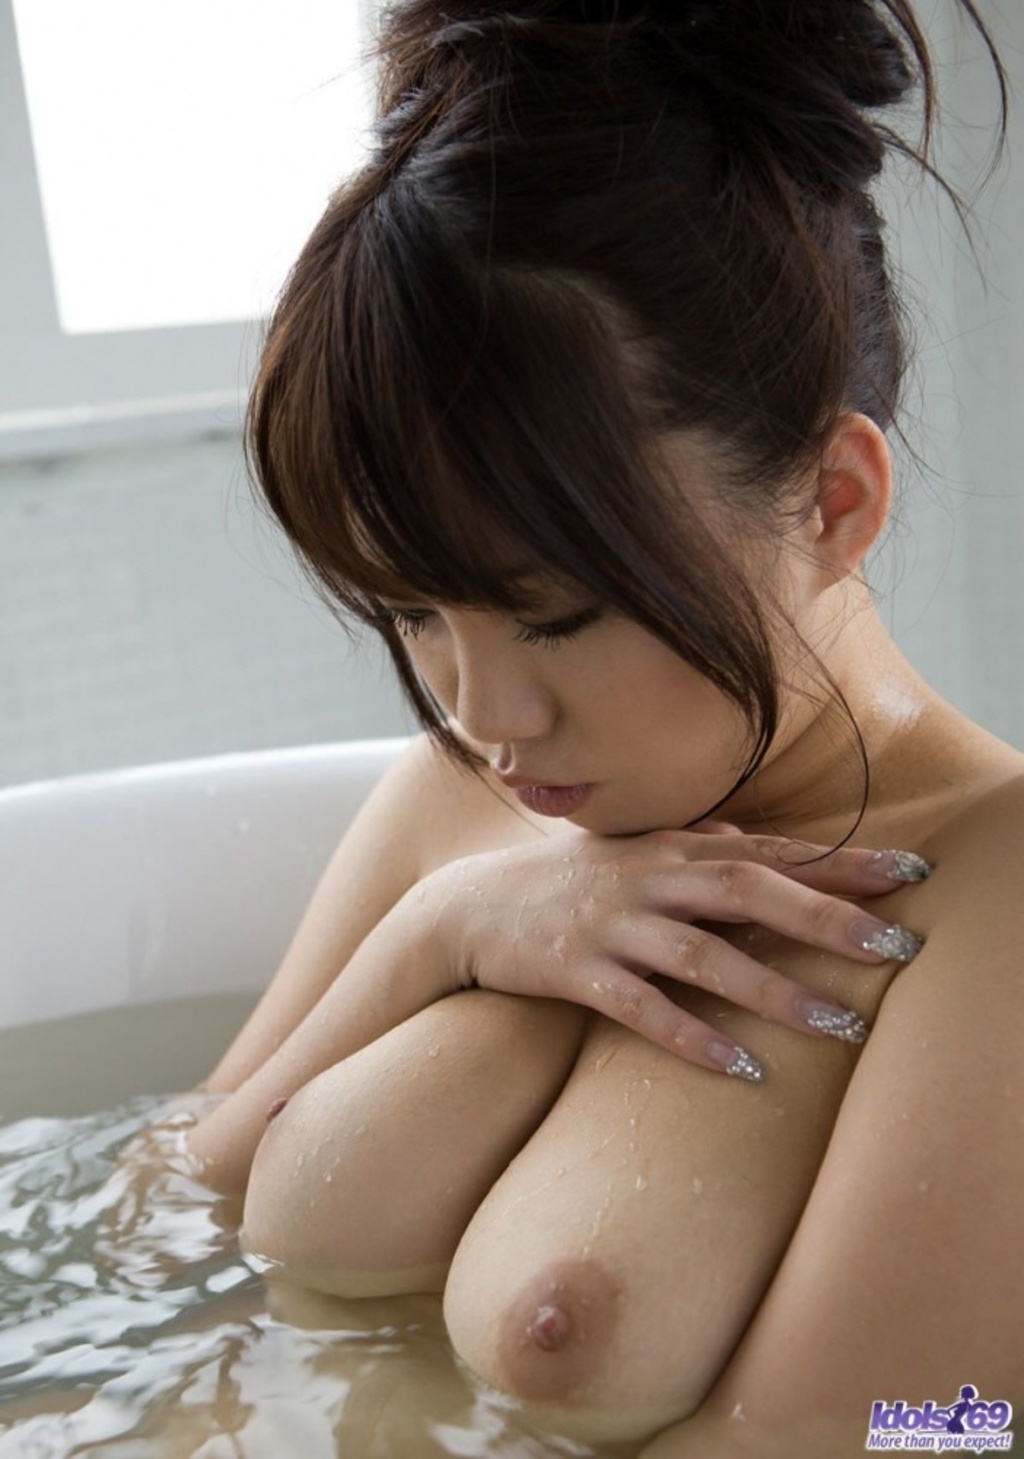 Фото красивых голых девушек японок 22 фотография